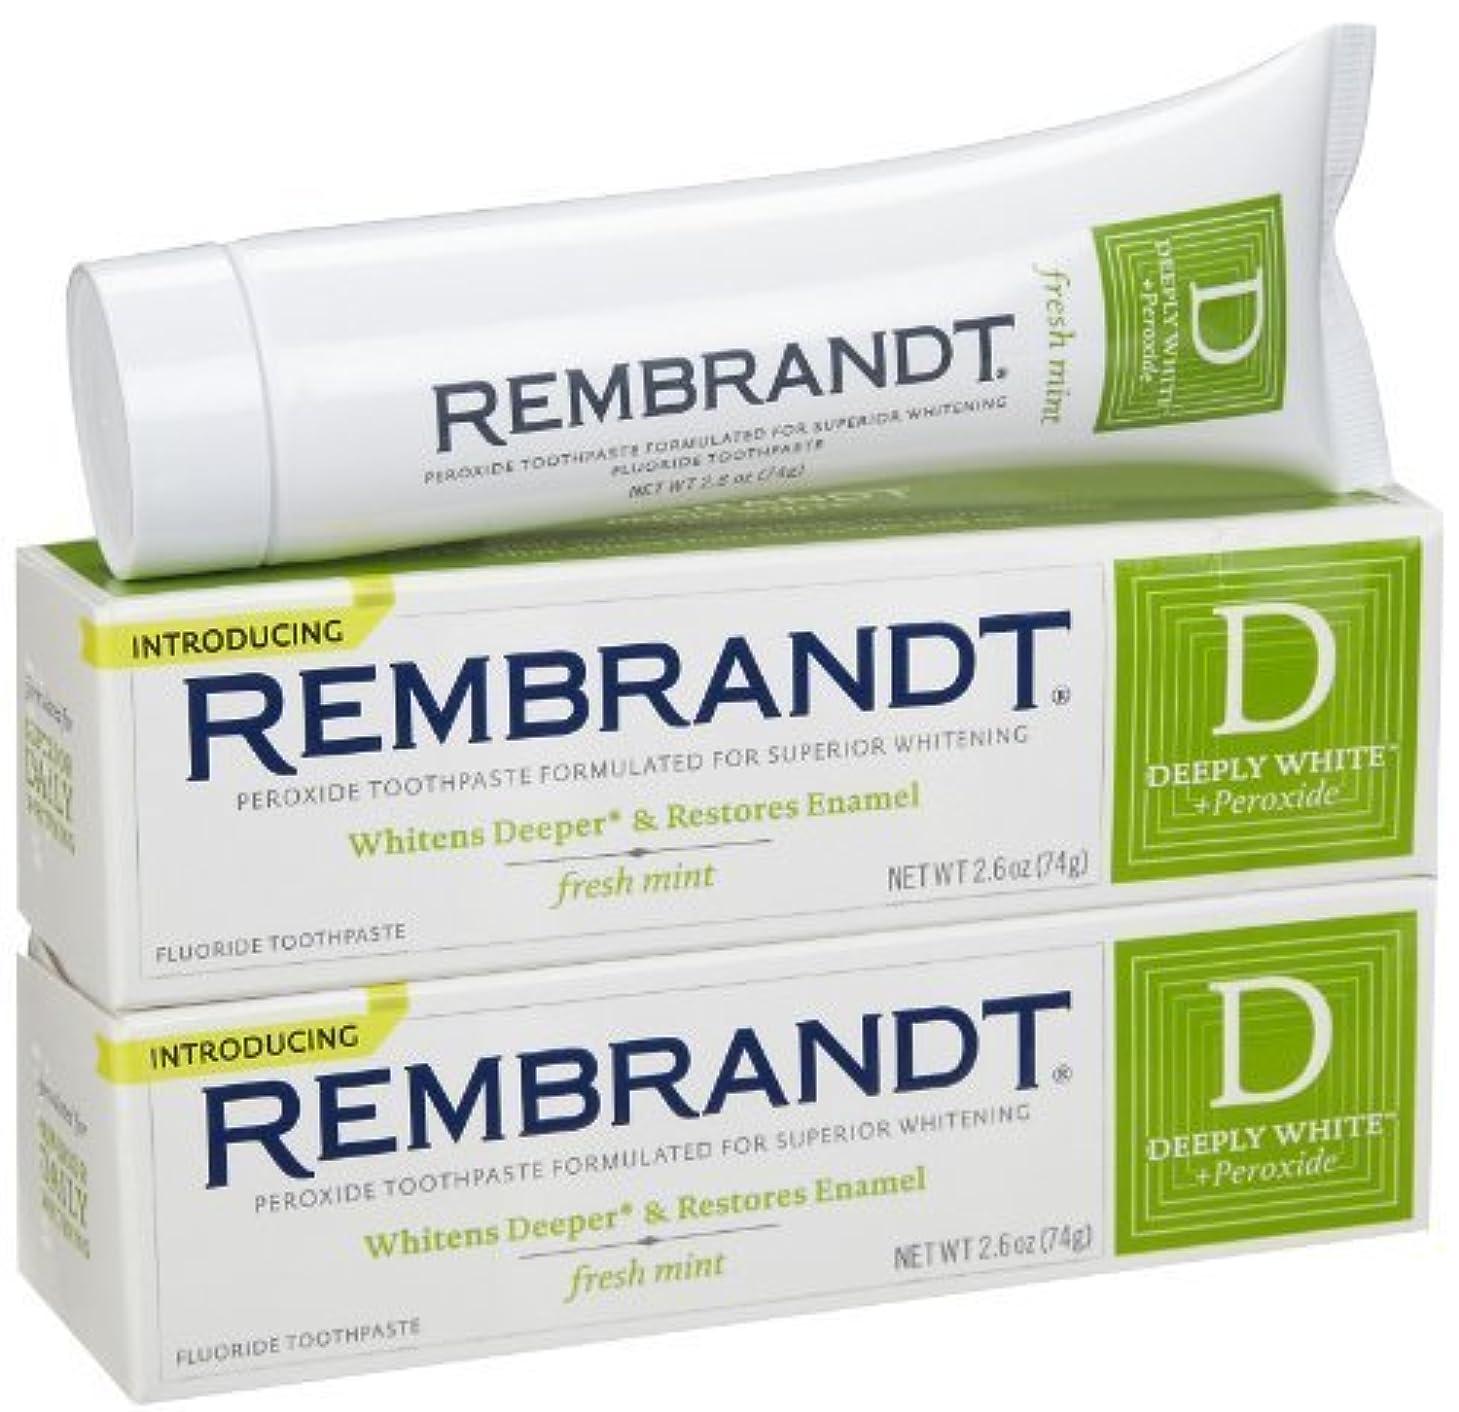 後方使役初期のRembrandt Fluoride Toothpaste, Mint - 2.6 oz - 2 pk [並行輸入品]